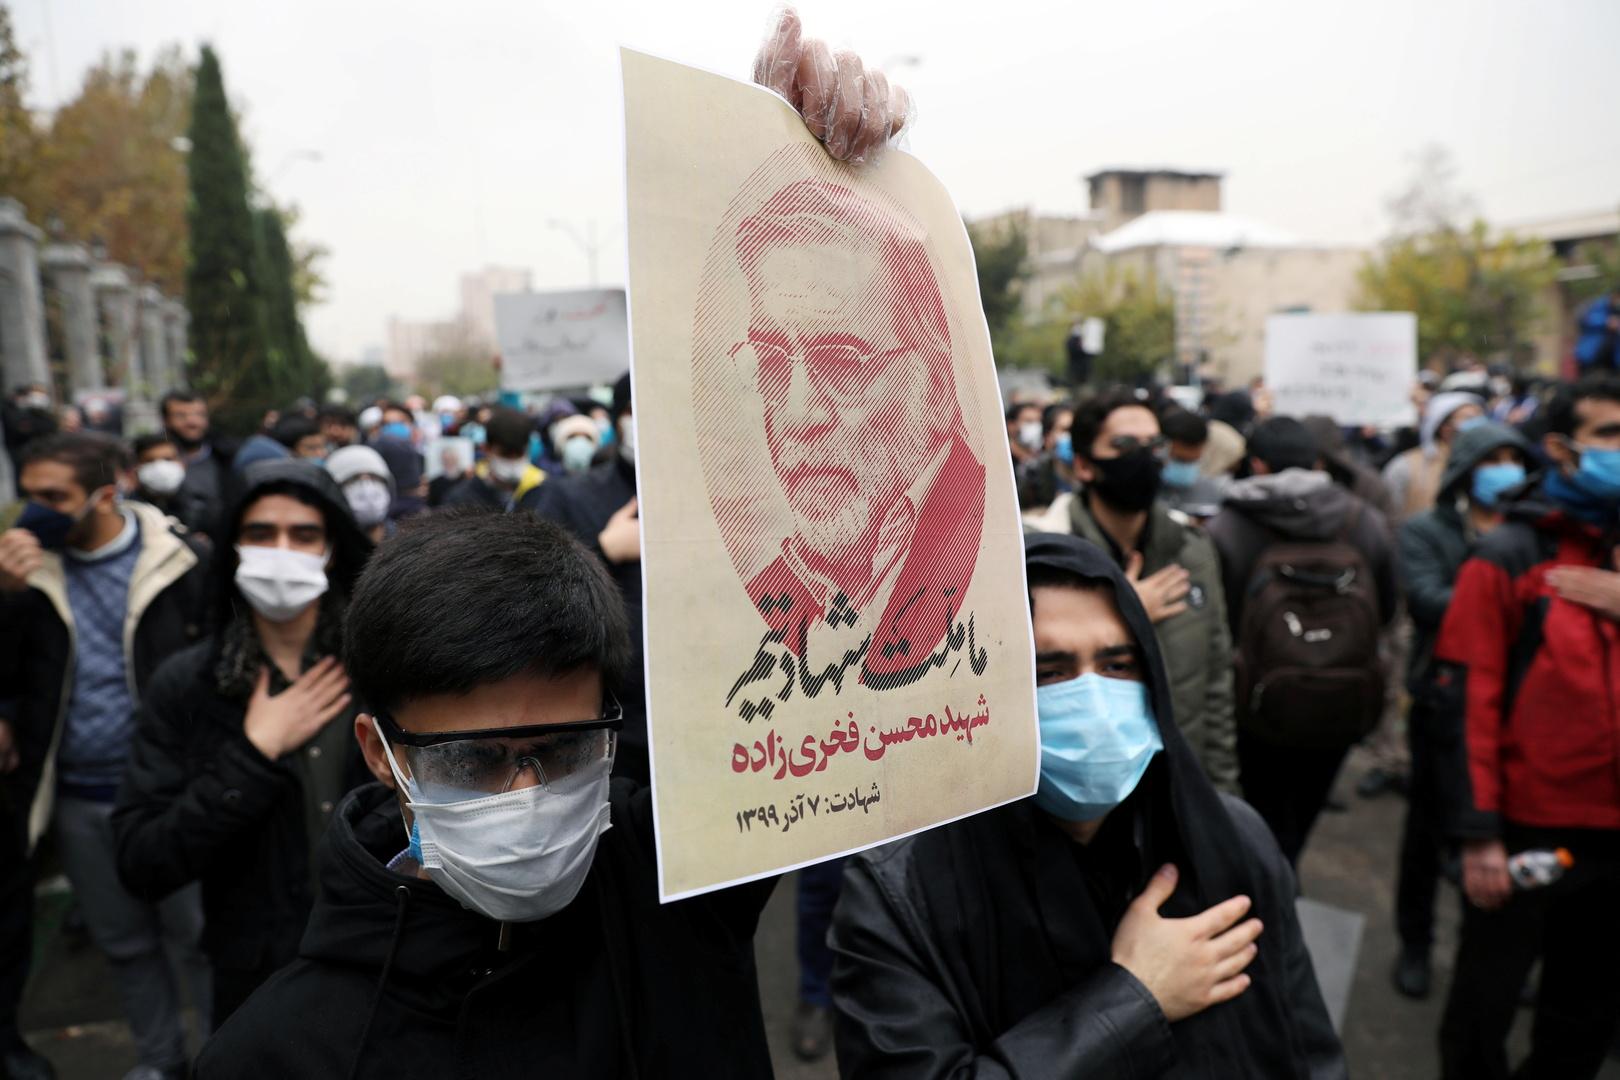 مظاهرة في إيران احتجاجا على اغتيال العالم النووي محسن فخري زاده - صورة أرشيفية